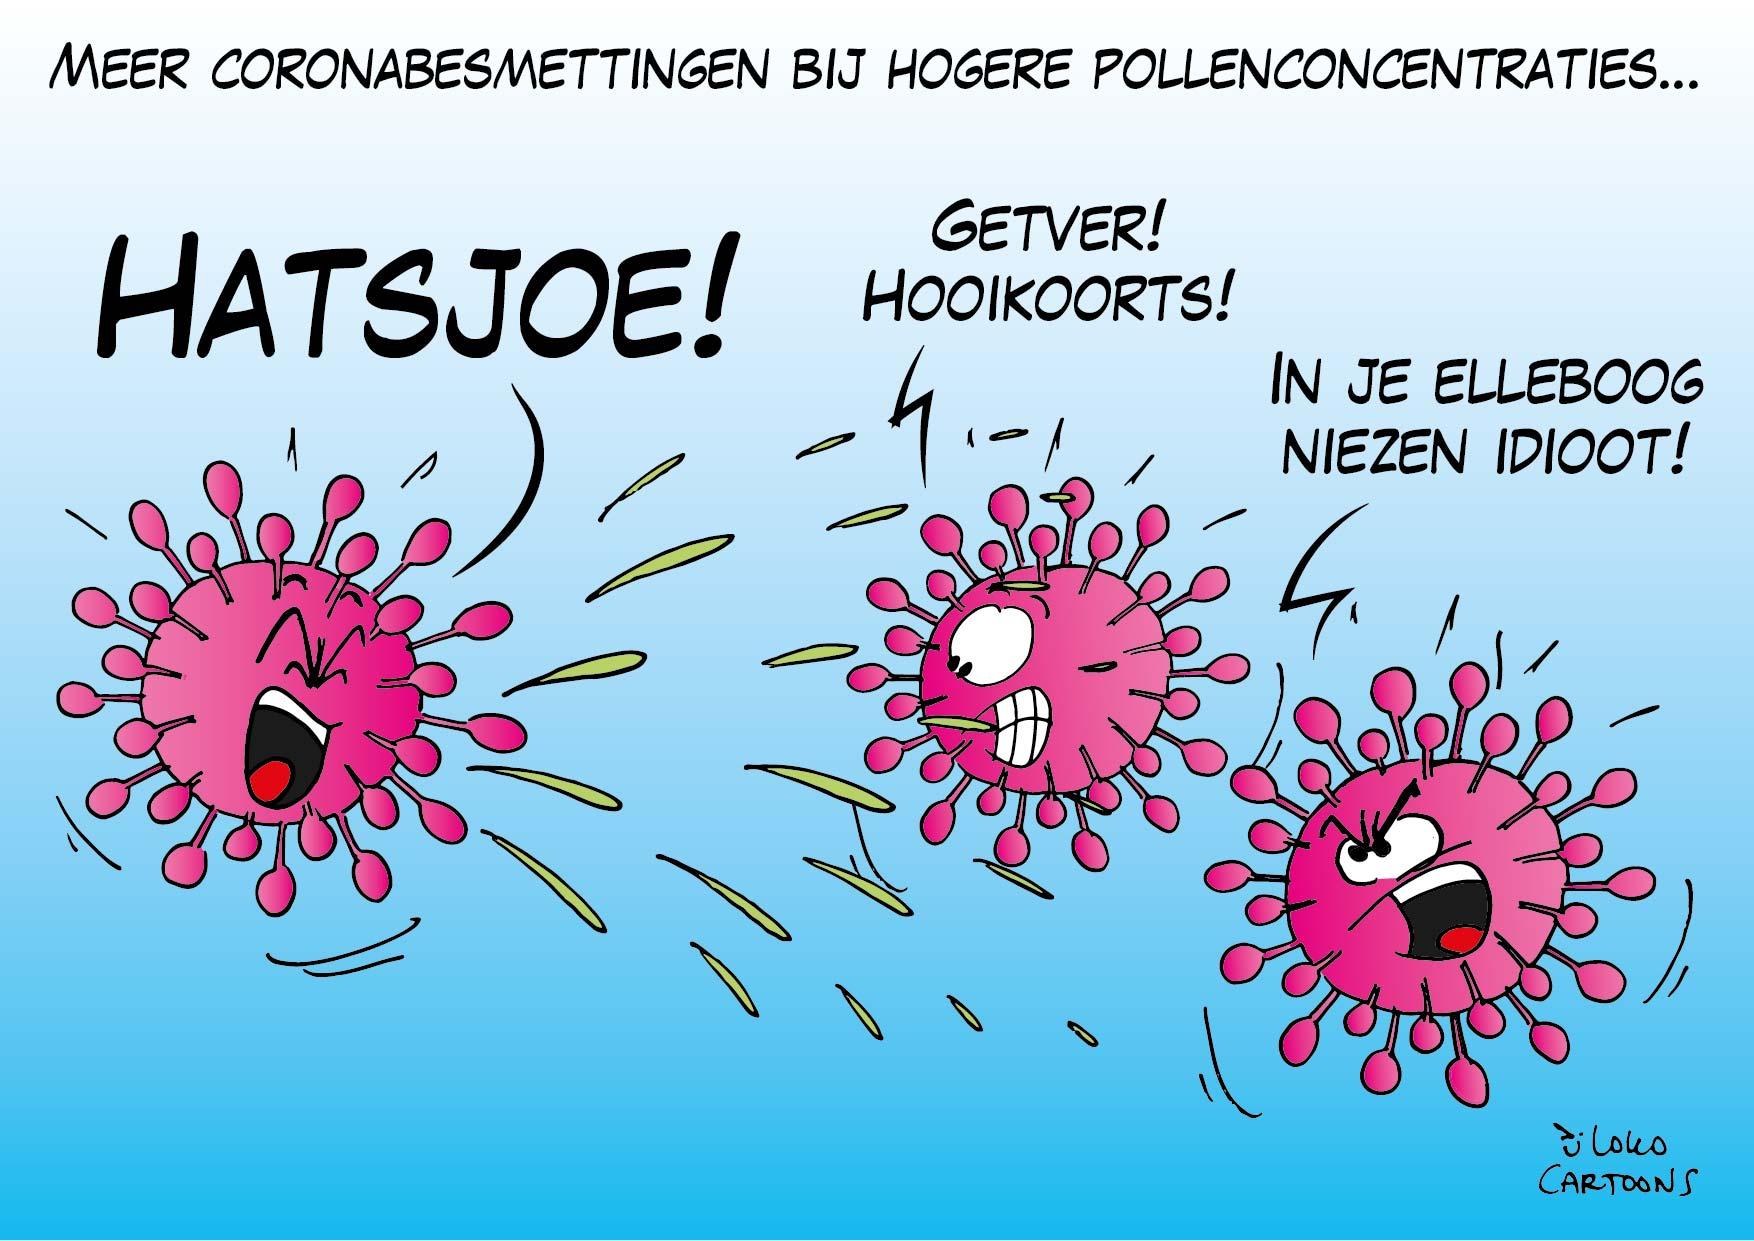 Meer coronabesmettingen bij hogere pollenconcentraties…